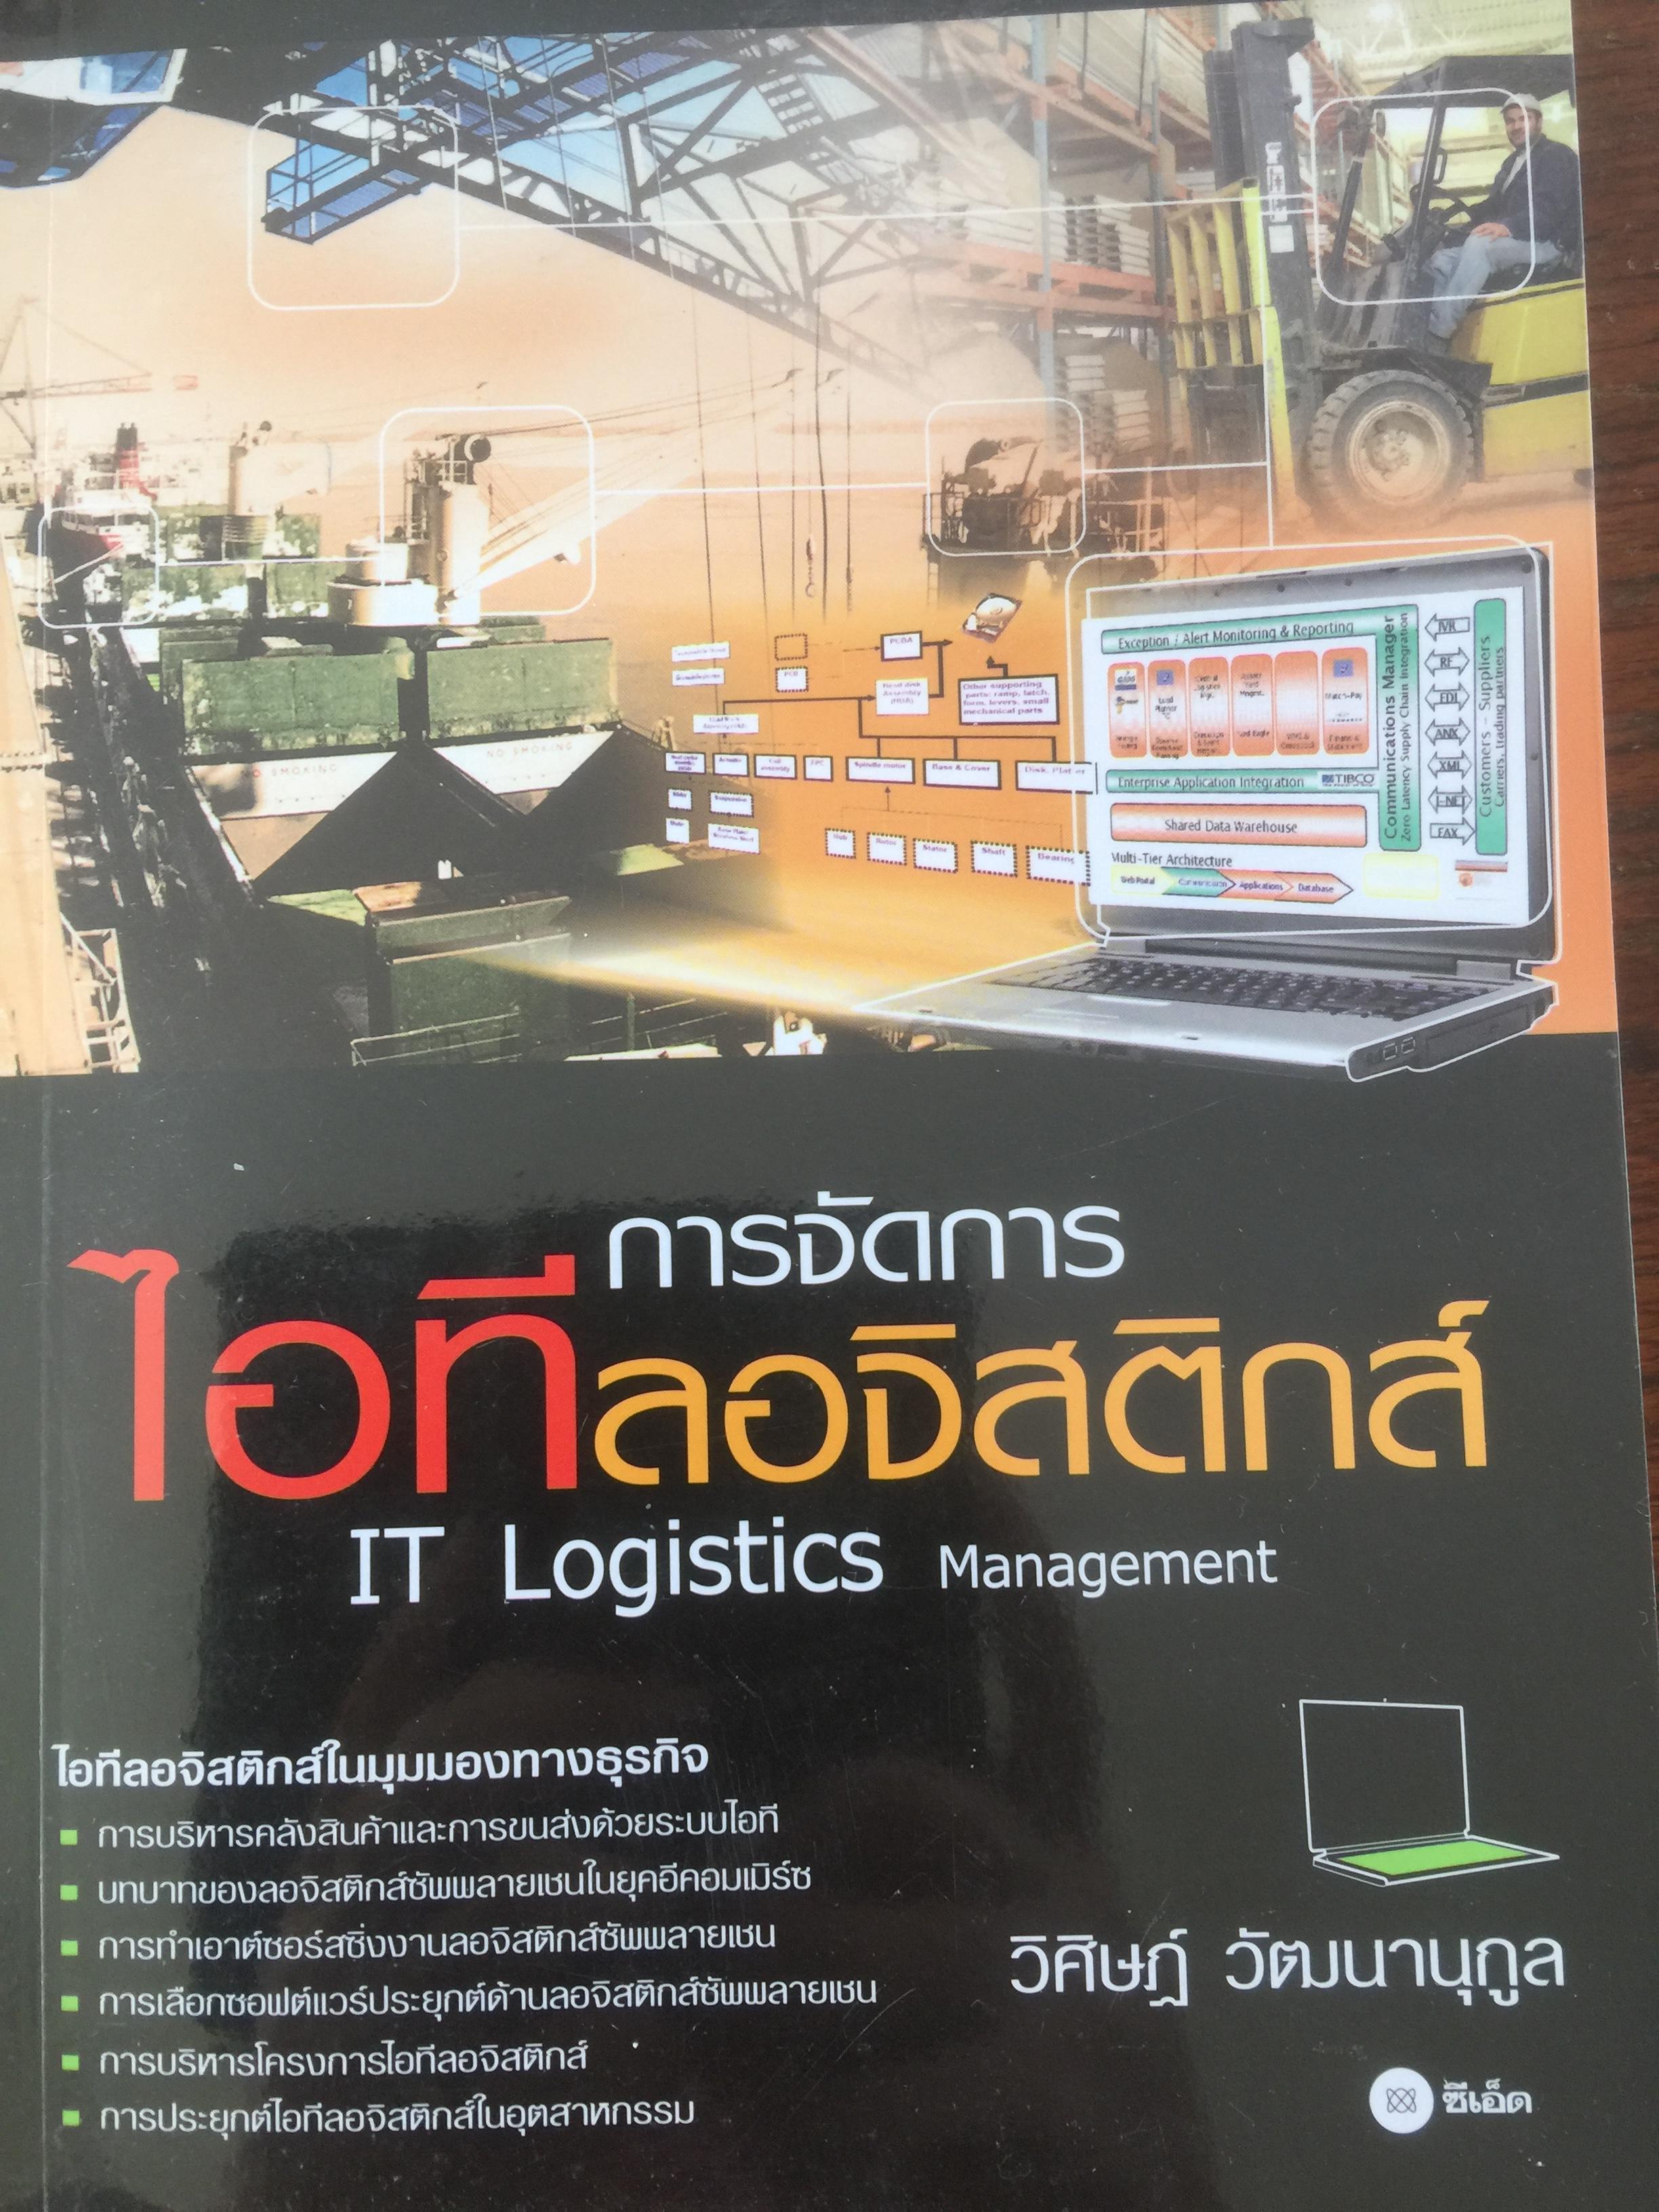 การจัดการ ไอทีลอจิสติกส์ IT Logistics Management ผู้เขียน วิศิษฏ์ วัฒนานุกูล